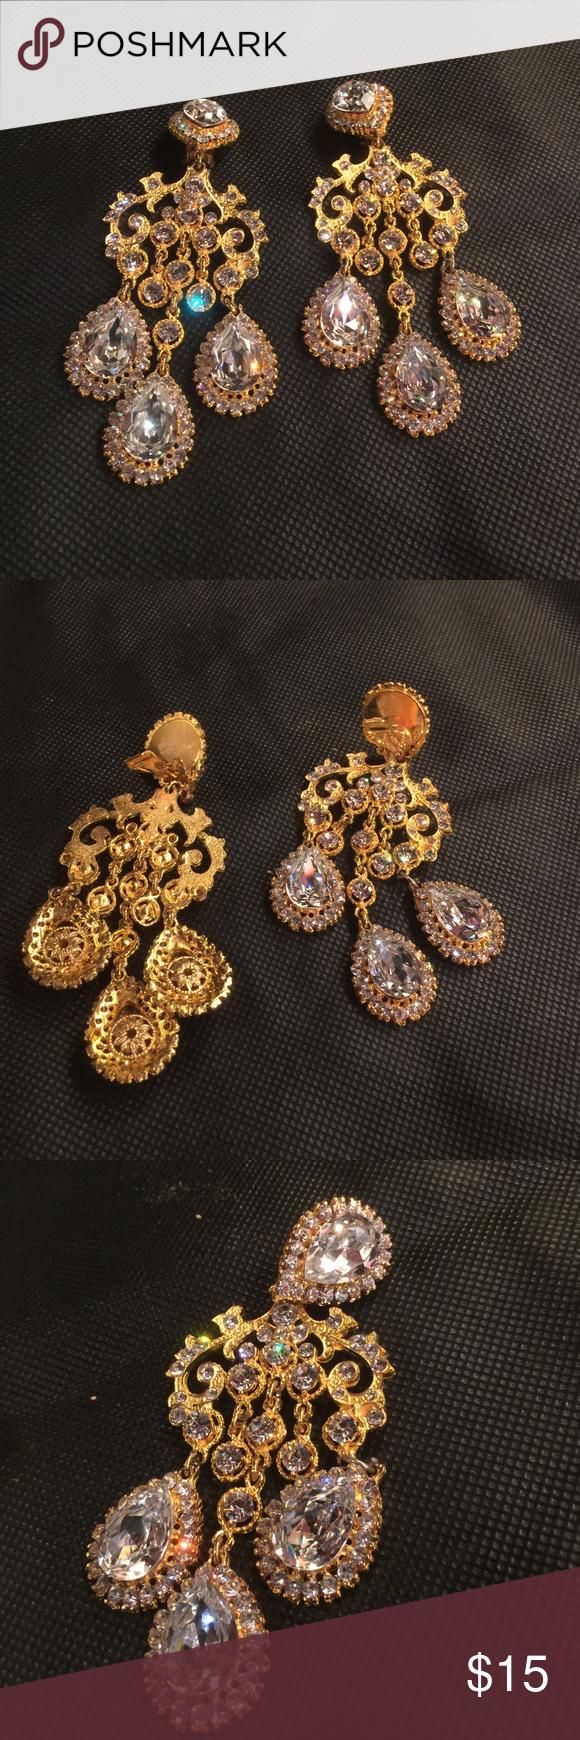 Shoulder duster earrings High quality stone chandelier earrings, very eye catching 😳 no brand Jewelry Earrings